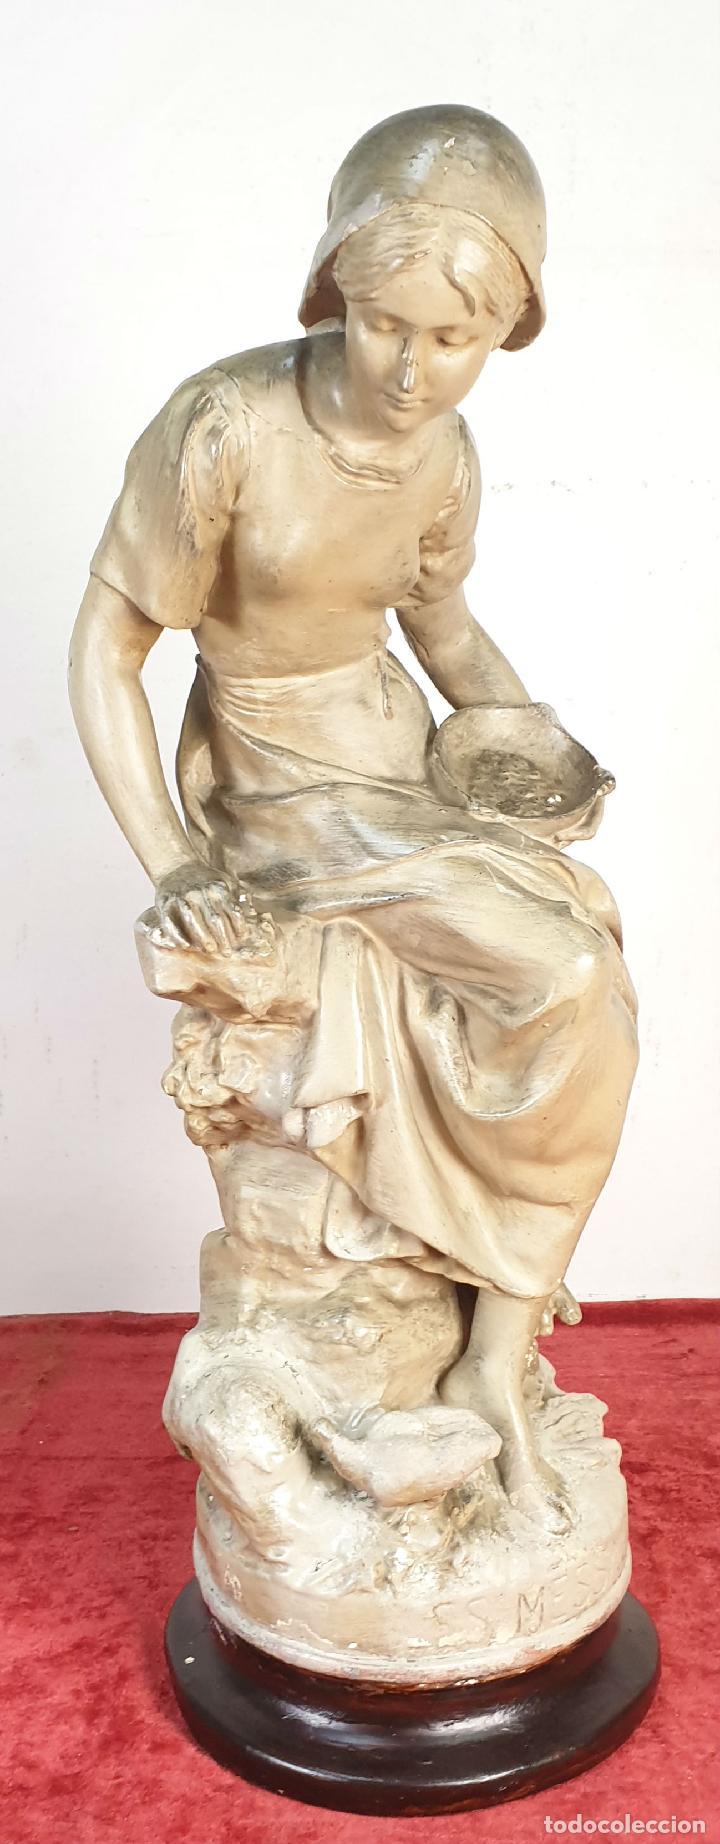 LES MESSENGERS. ESCULTURA EN ESTUCO EFECTO MÁRMOL. SIGLO XIX-XX (Arte - Escultura - Otros Materiales)